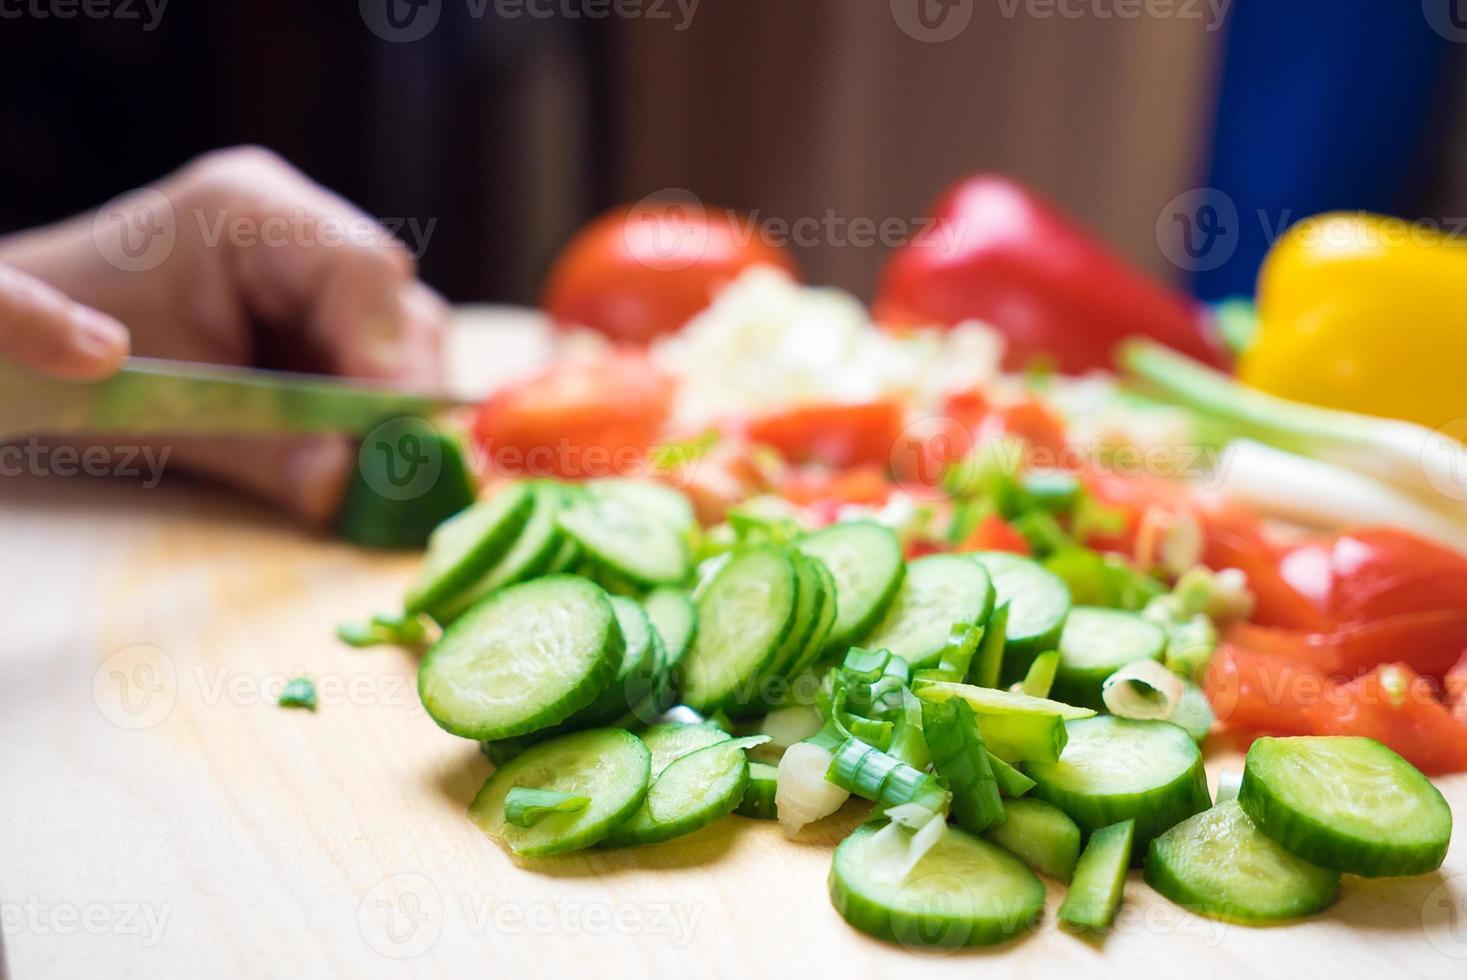 verdure in cucina foto